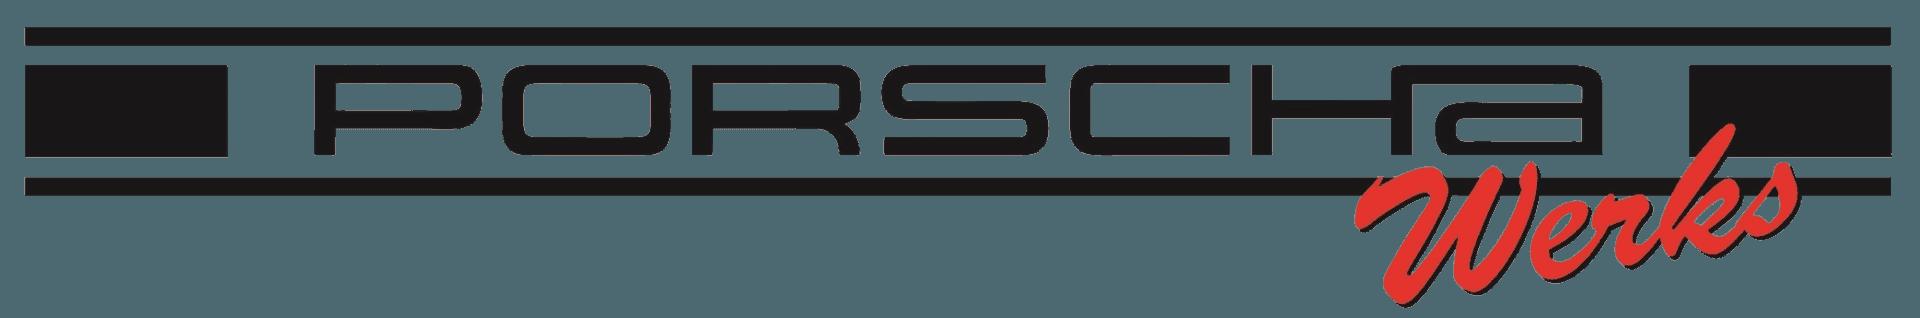 Porscha Werks - Porsche Specialists in Coventry